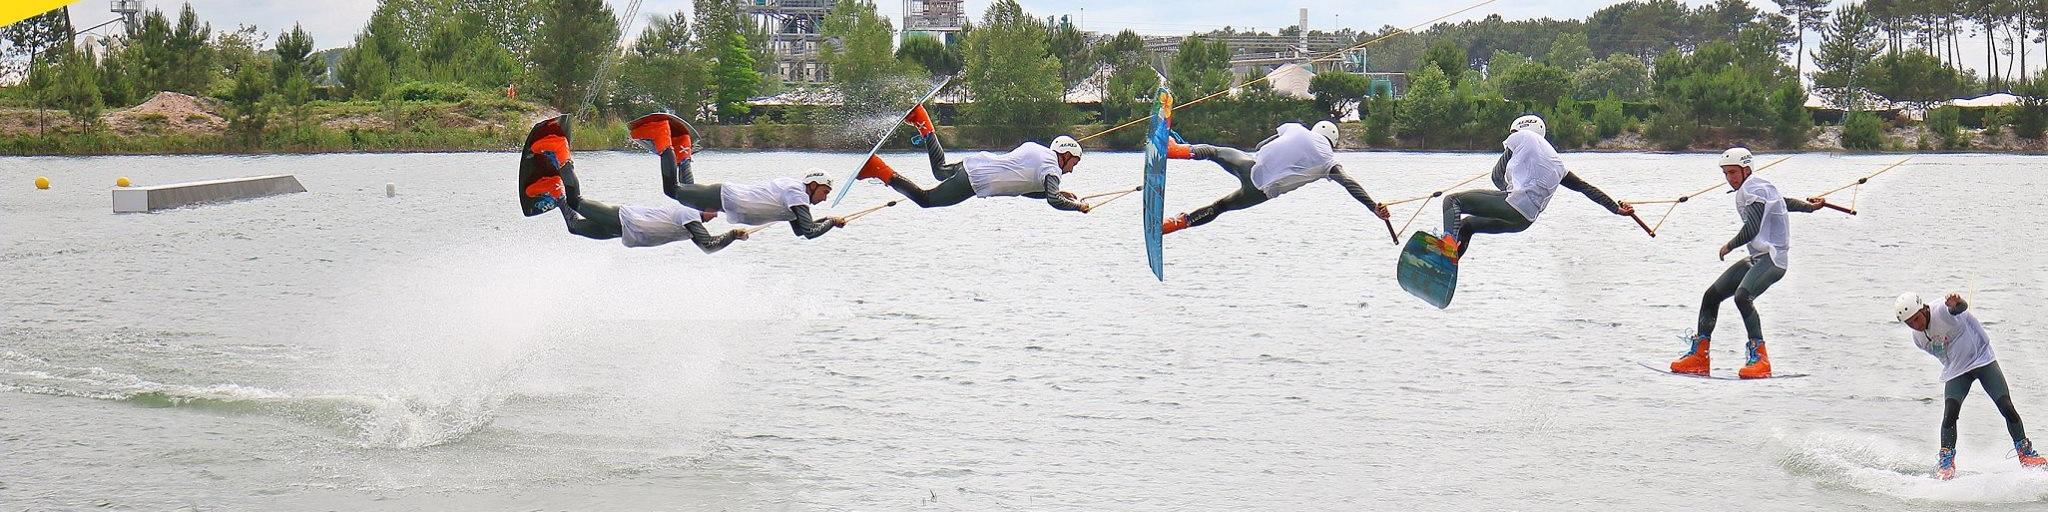 lakecity wakeboard figure